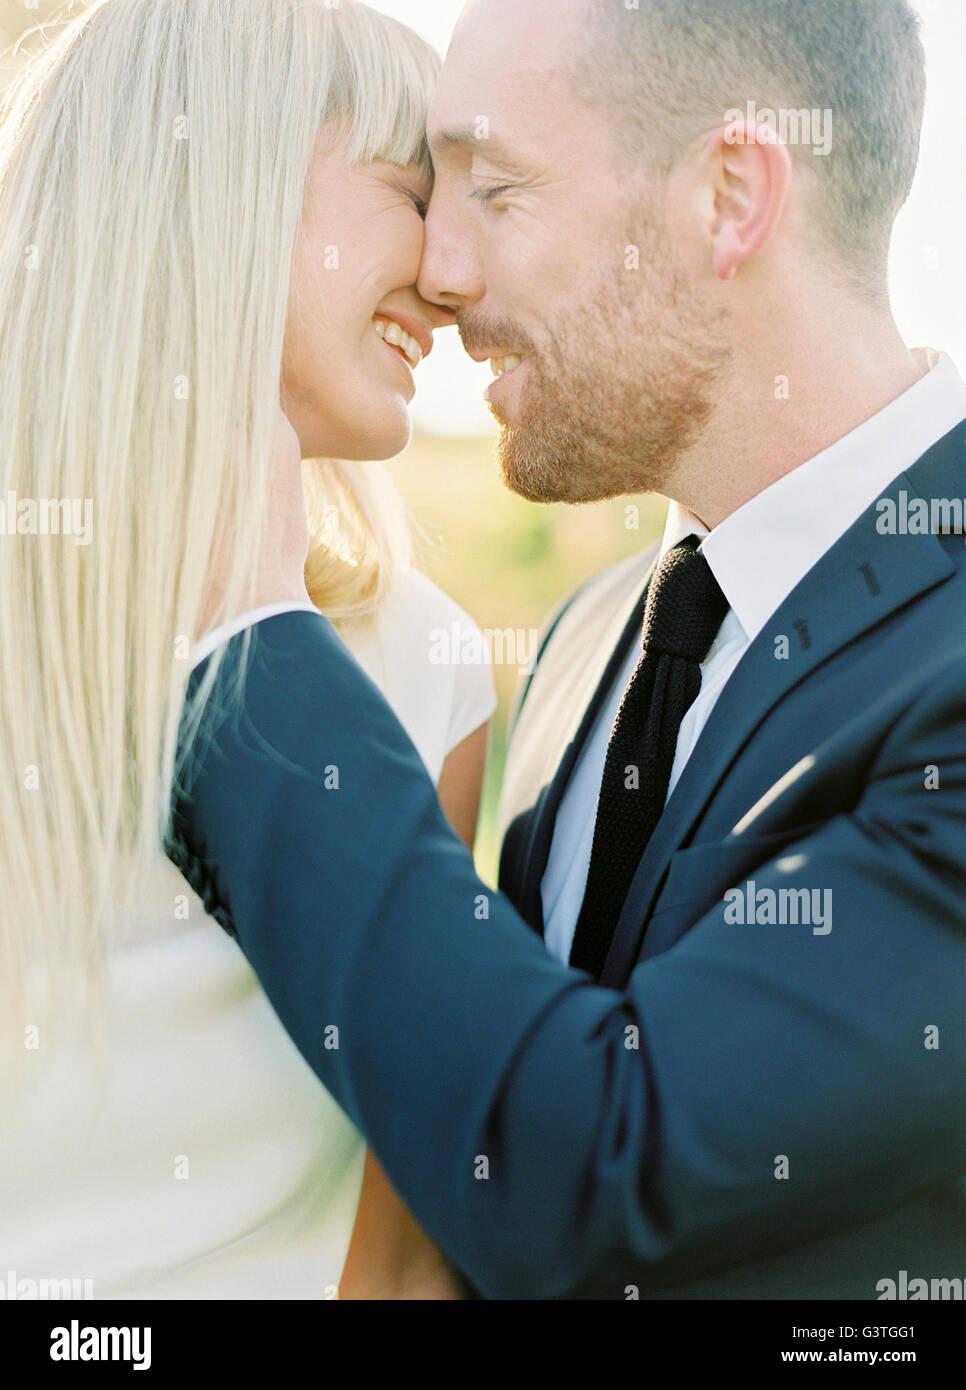 Schweden, Bräutigam und Braut küssen Stockbild